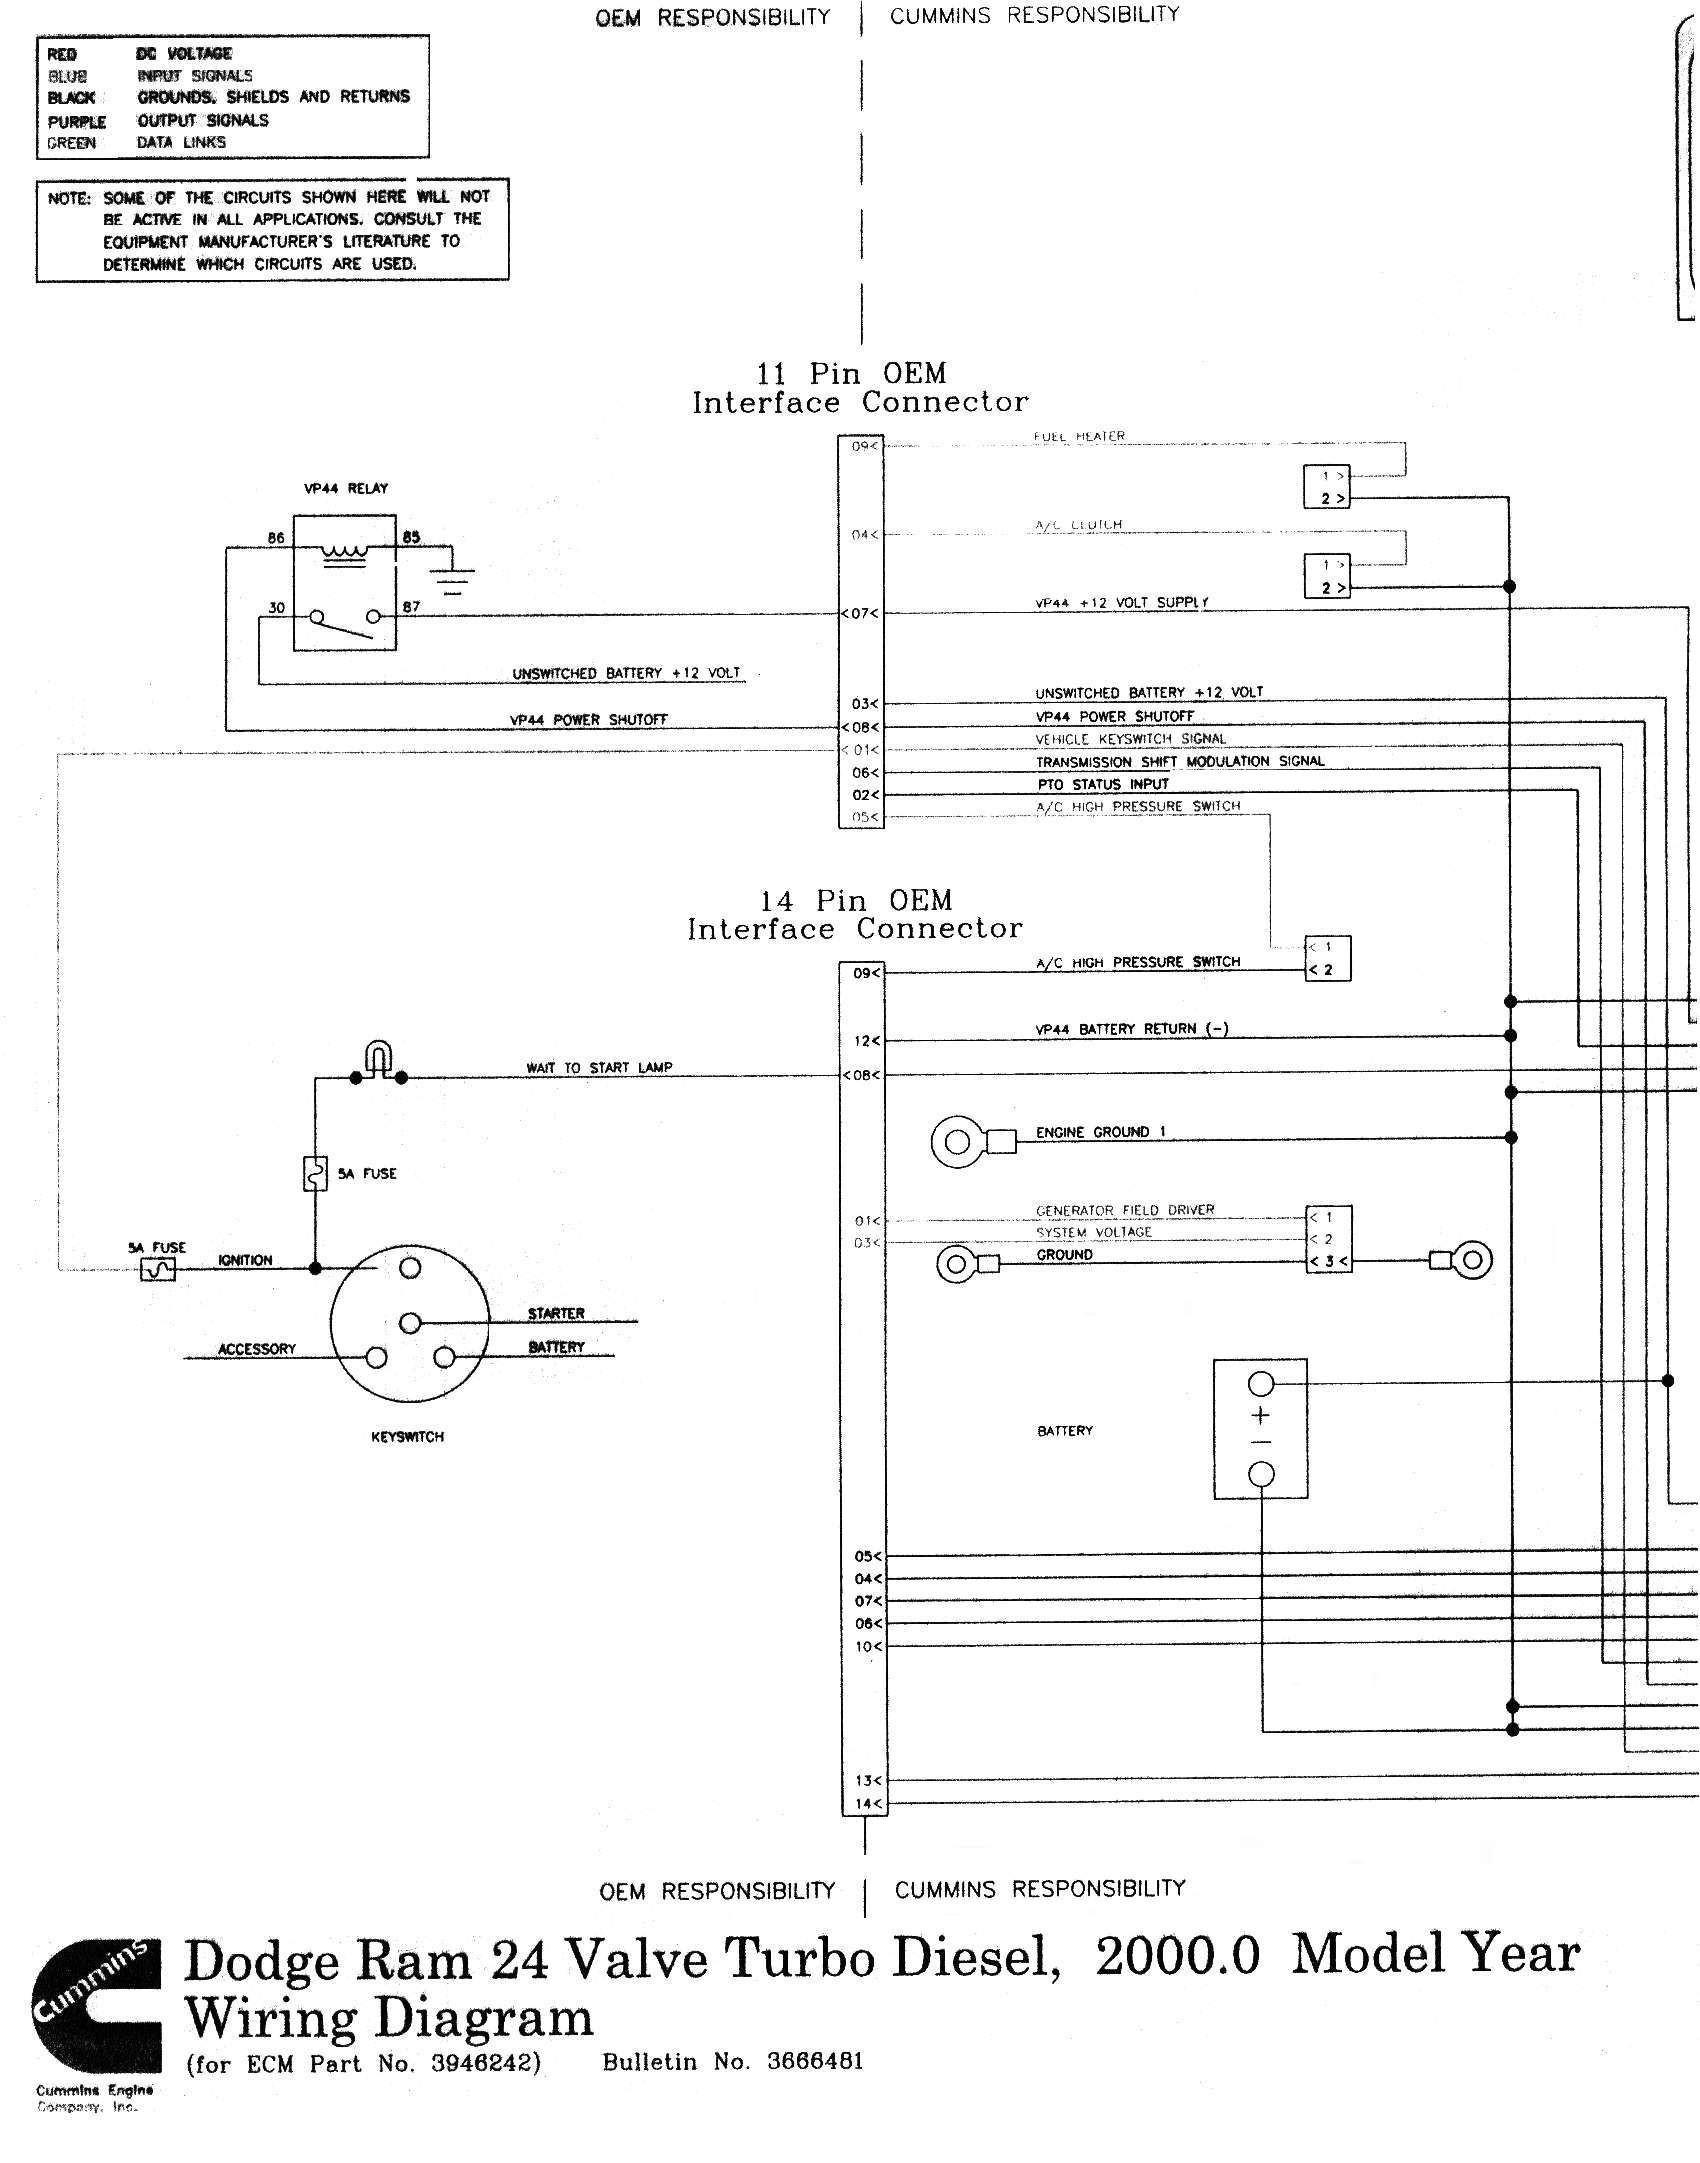 Detroit Series 60 Ecm Wiring Diagram Detroit Diesel Series 60 Ecm Wiring Diagram and Wiring Diagrams Of Detroit Series 60 Ecm Wiring Diagram